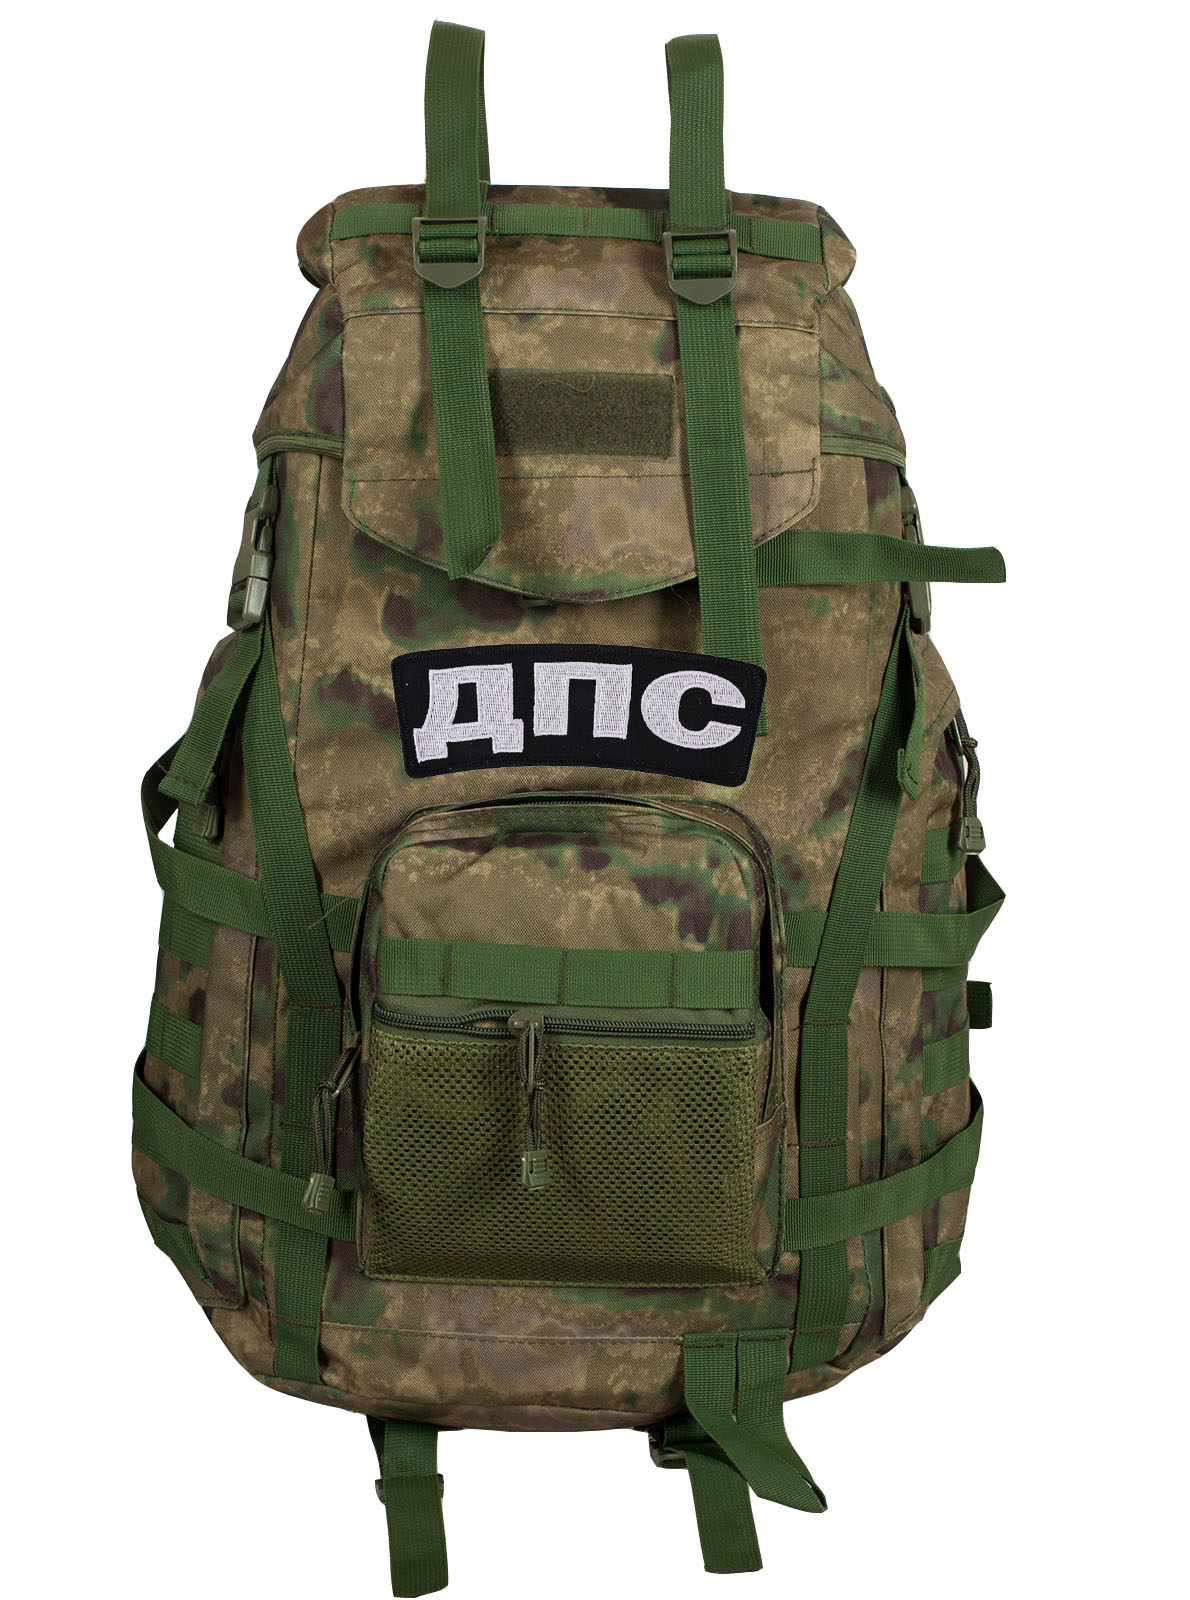 Штурмовой заплечный рюкзак MultiCam A-TACS FG ДПС - купить в подарок